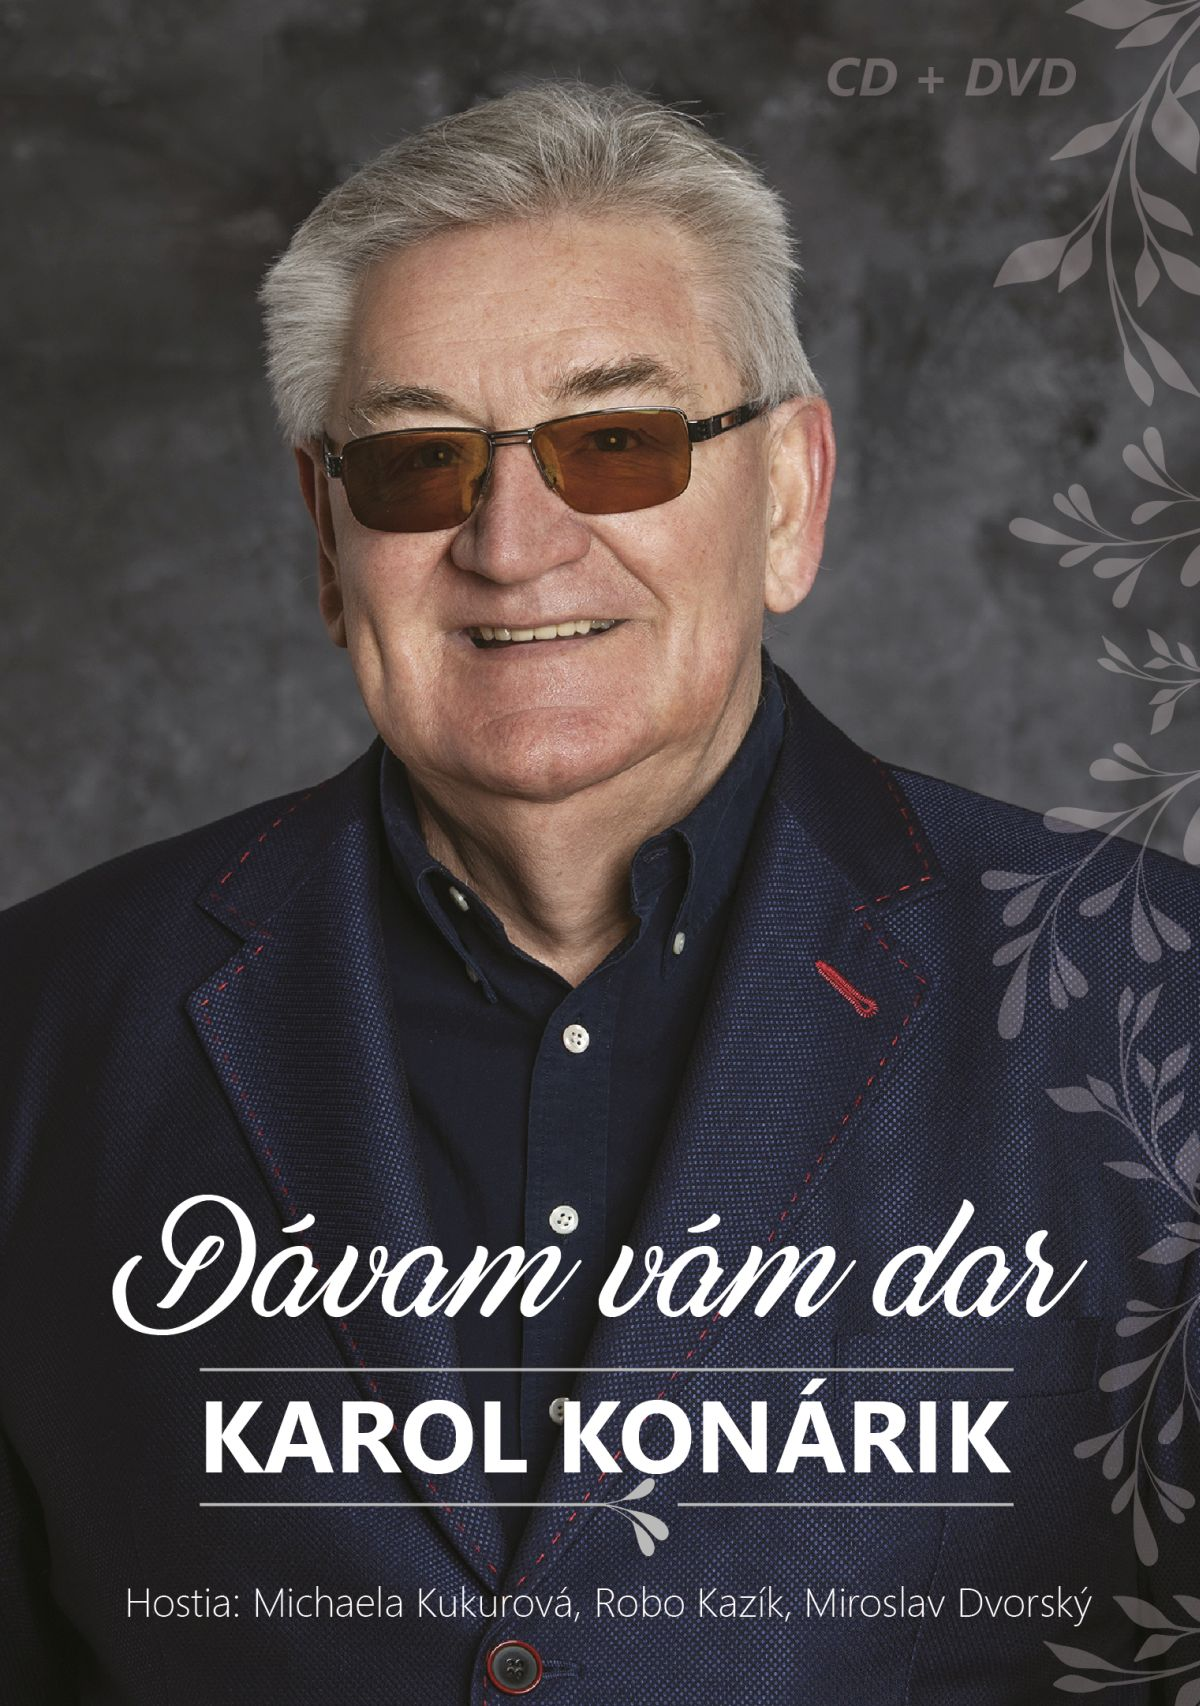 CD Shop - KONARIK KAROL DAVAM VAM DAR